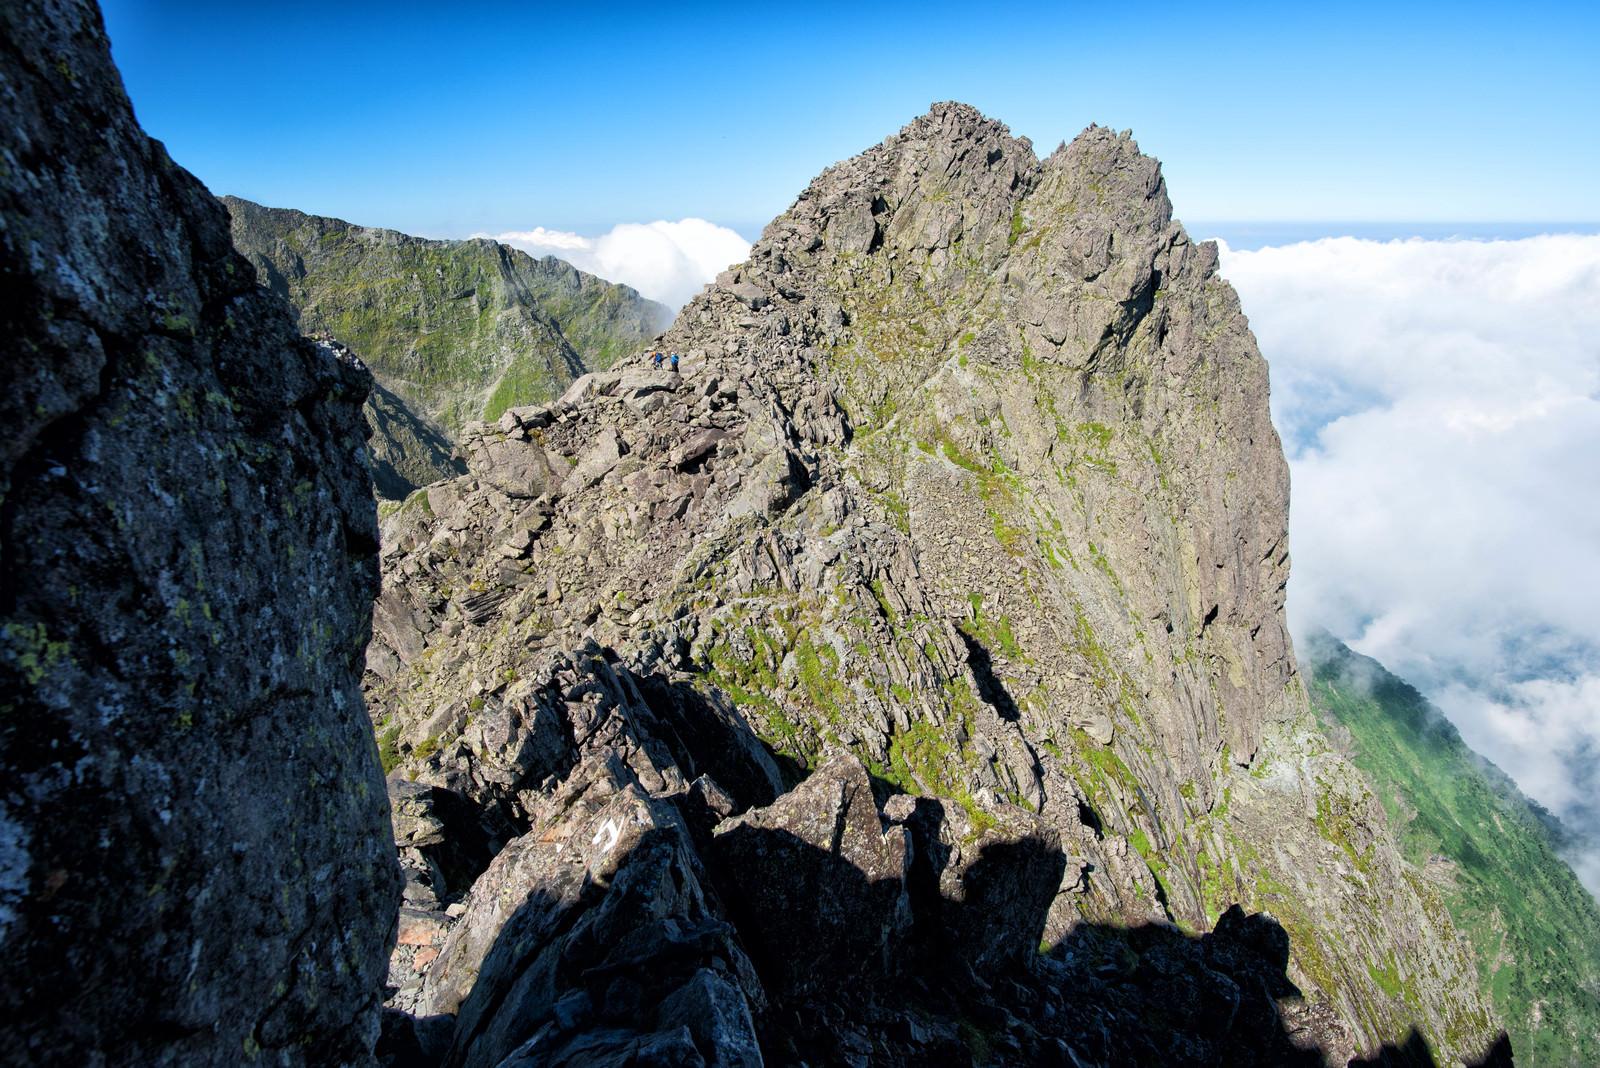 「北穂高岳山頂下の難路に挑む登山者」の写真